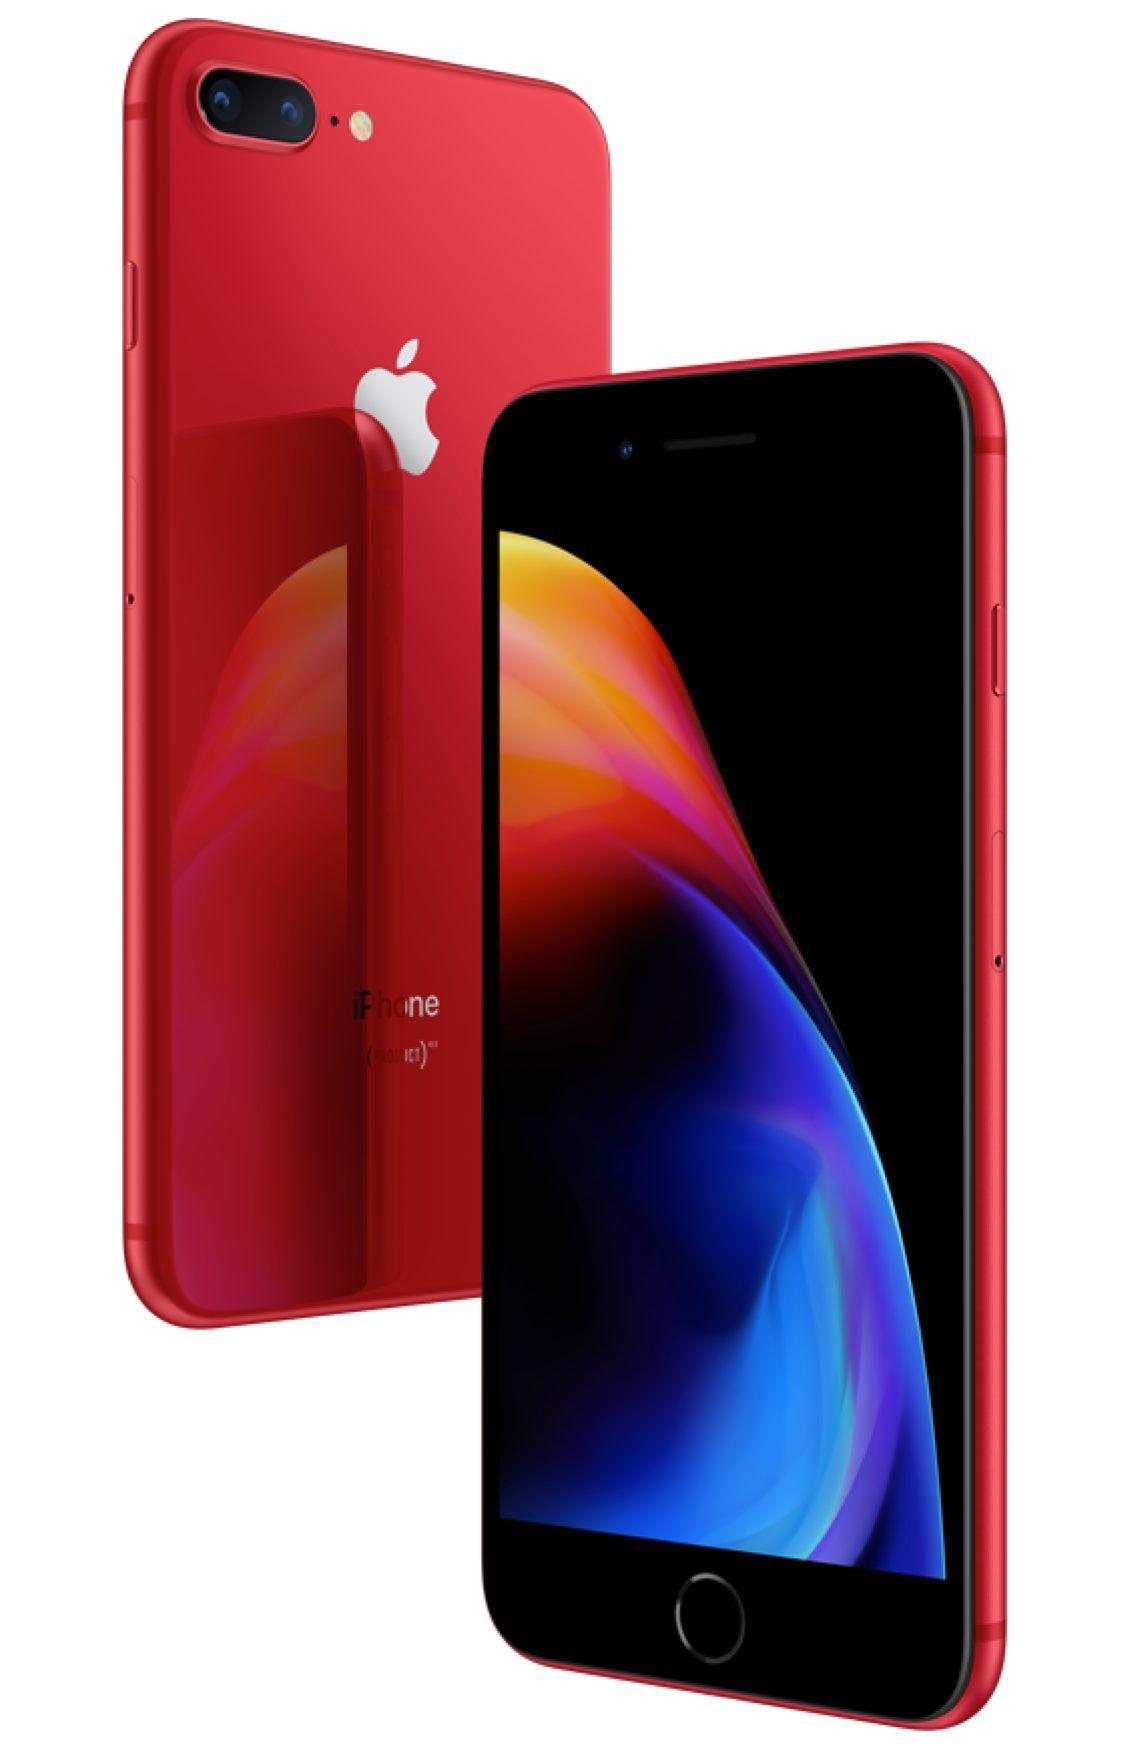 Apple Iphone 8 Plus 64gb Red Main Image 3 Iphone 8 Plus Iphone Iphone 8